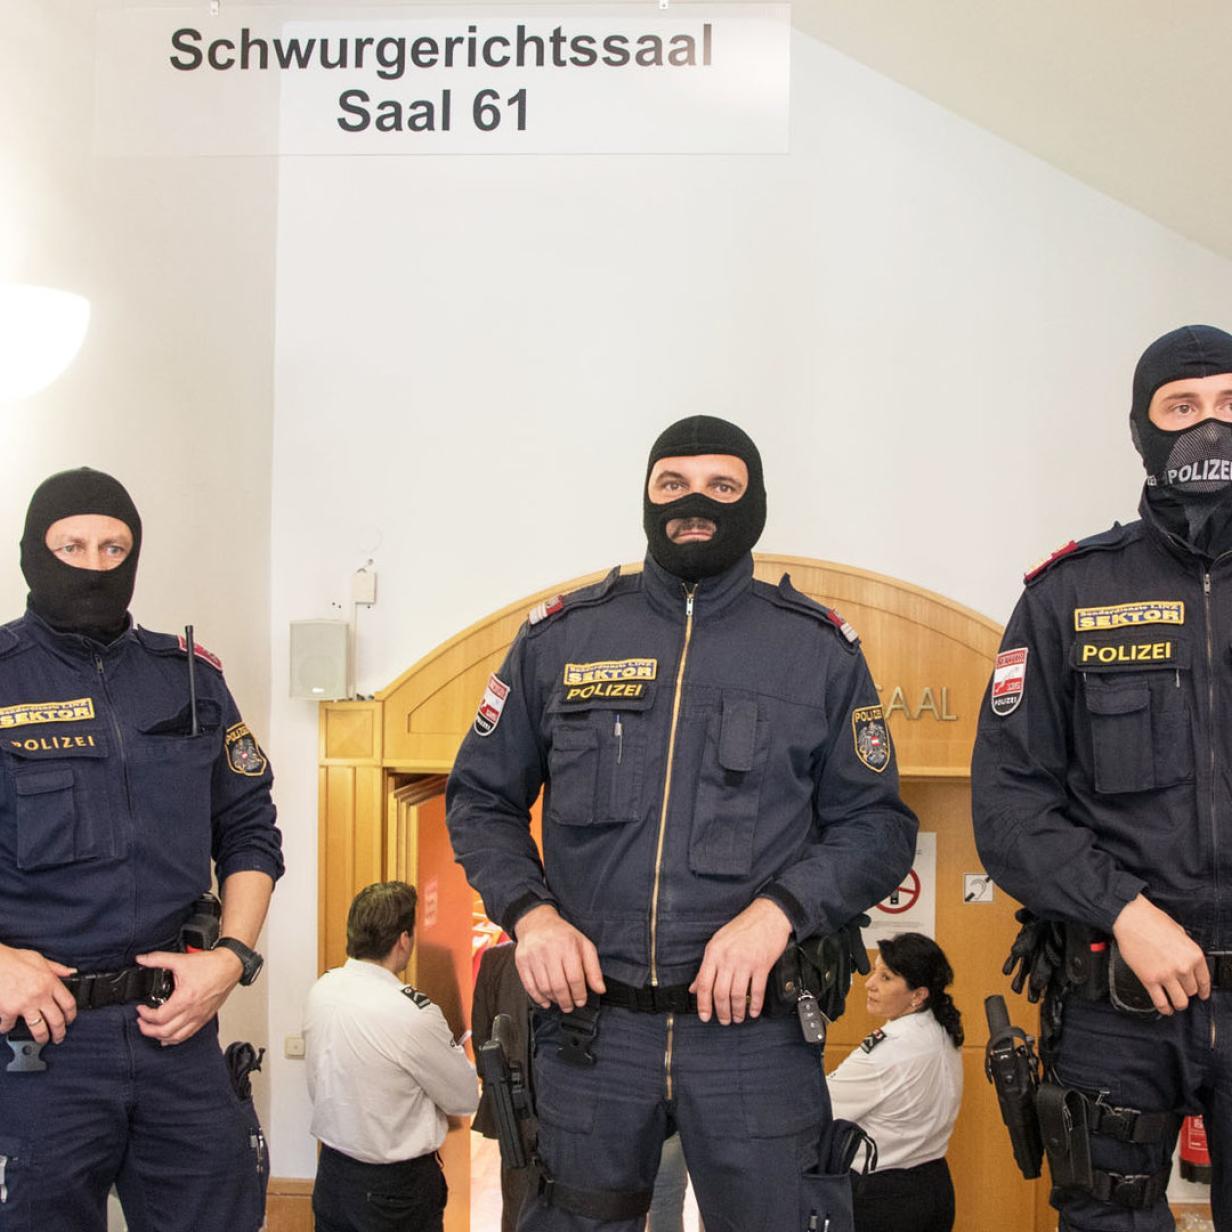 Mutmaßlicher Staatsverweigerer und Holocaust-Leugner vor Gericht